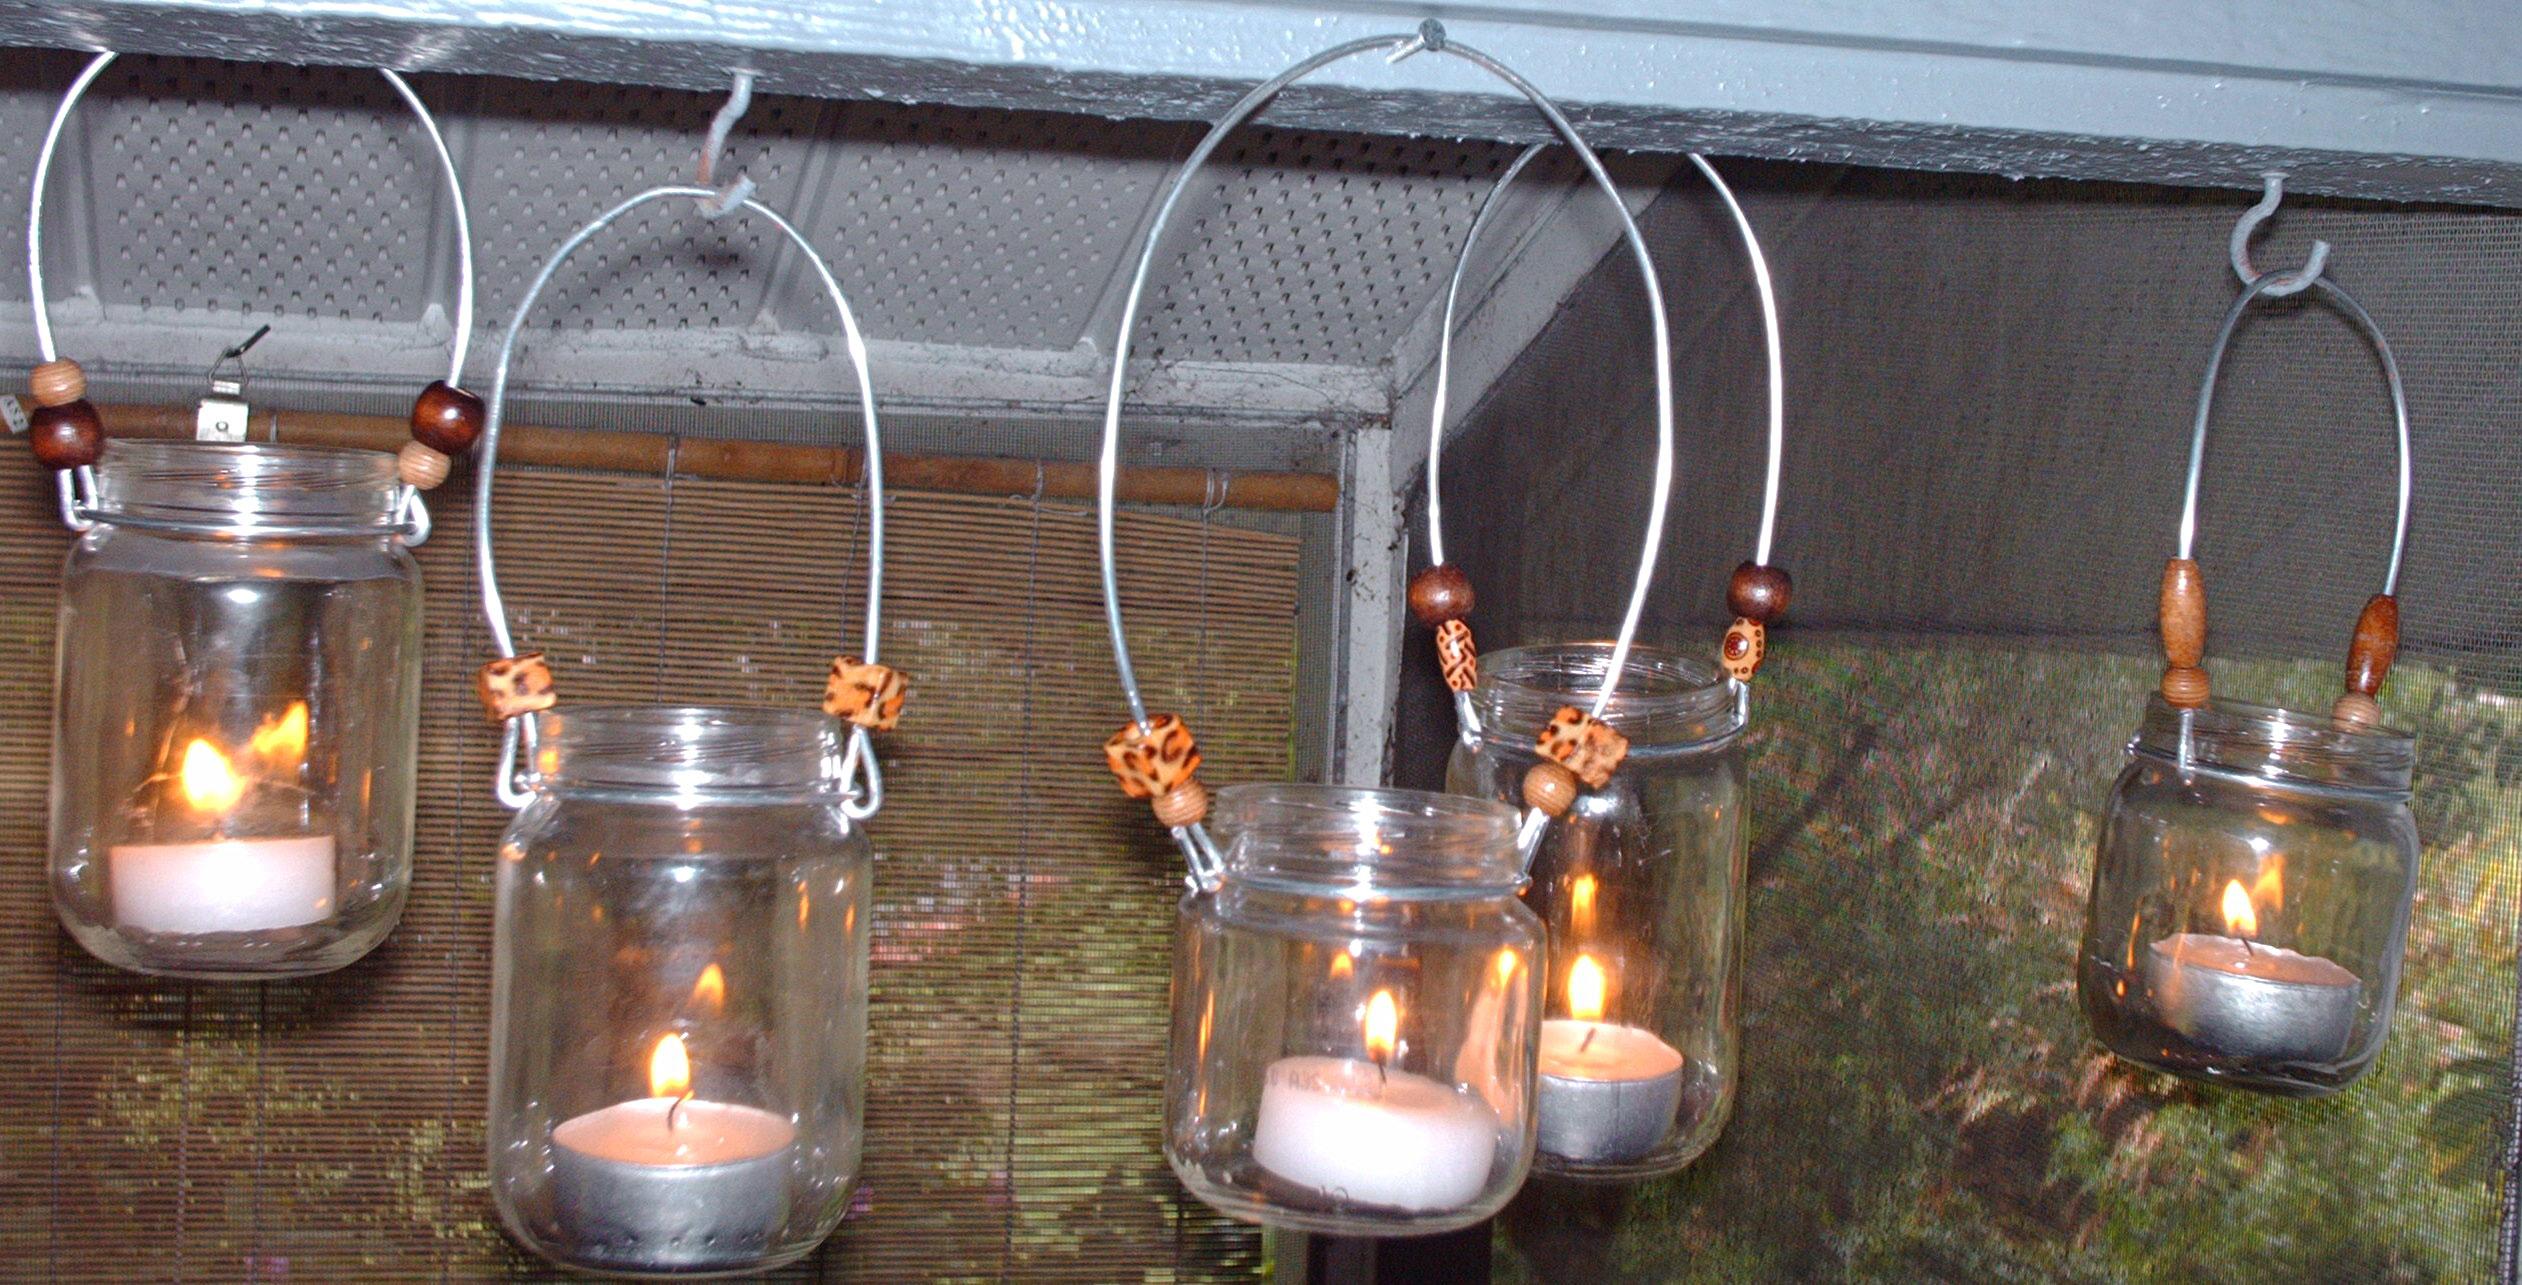 April's baby food jar lanterns, photo